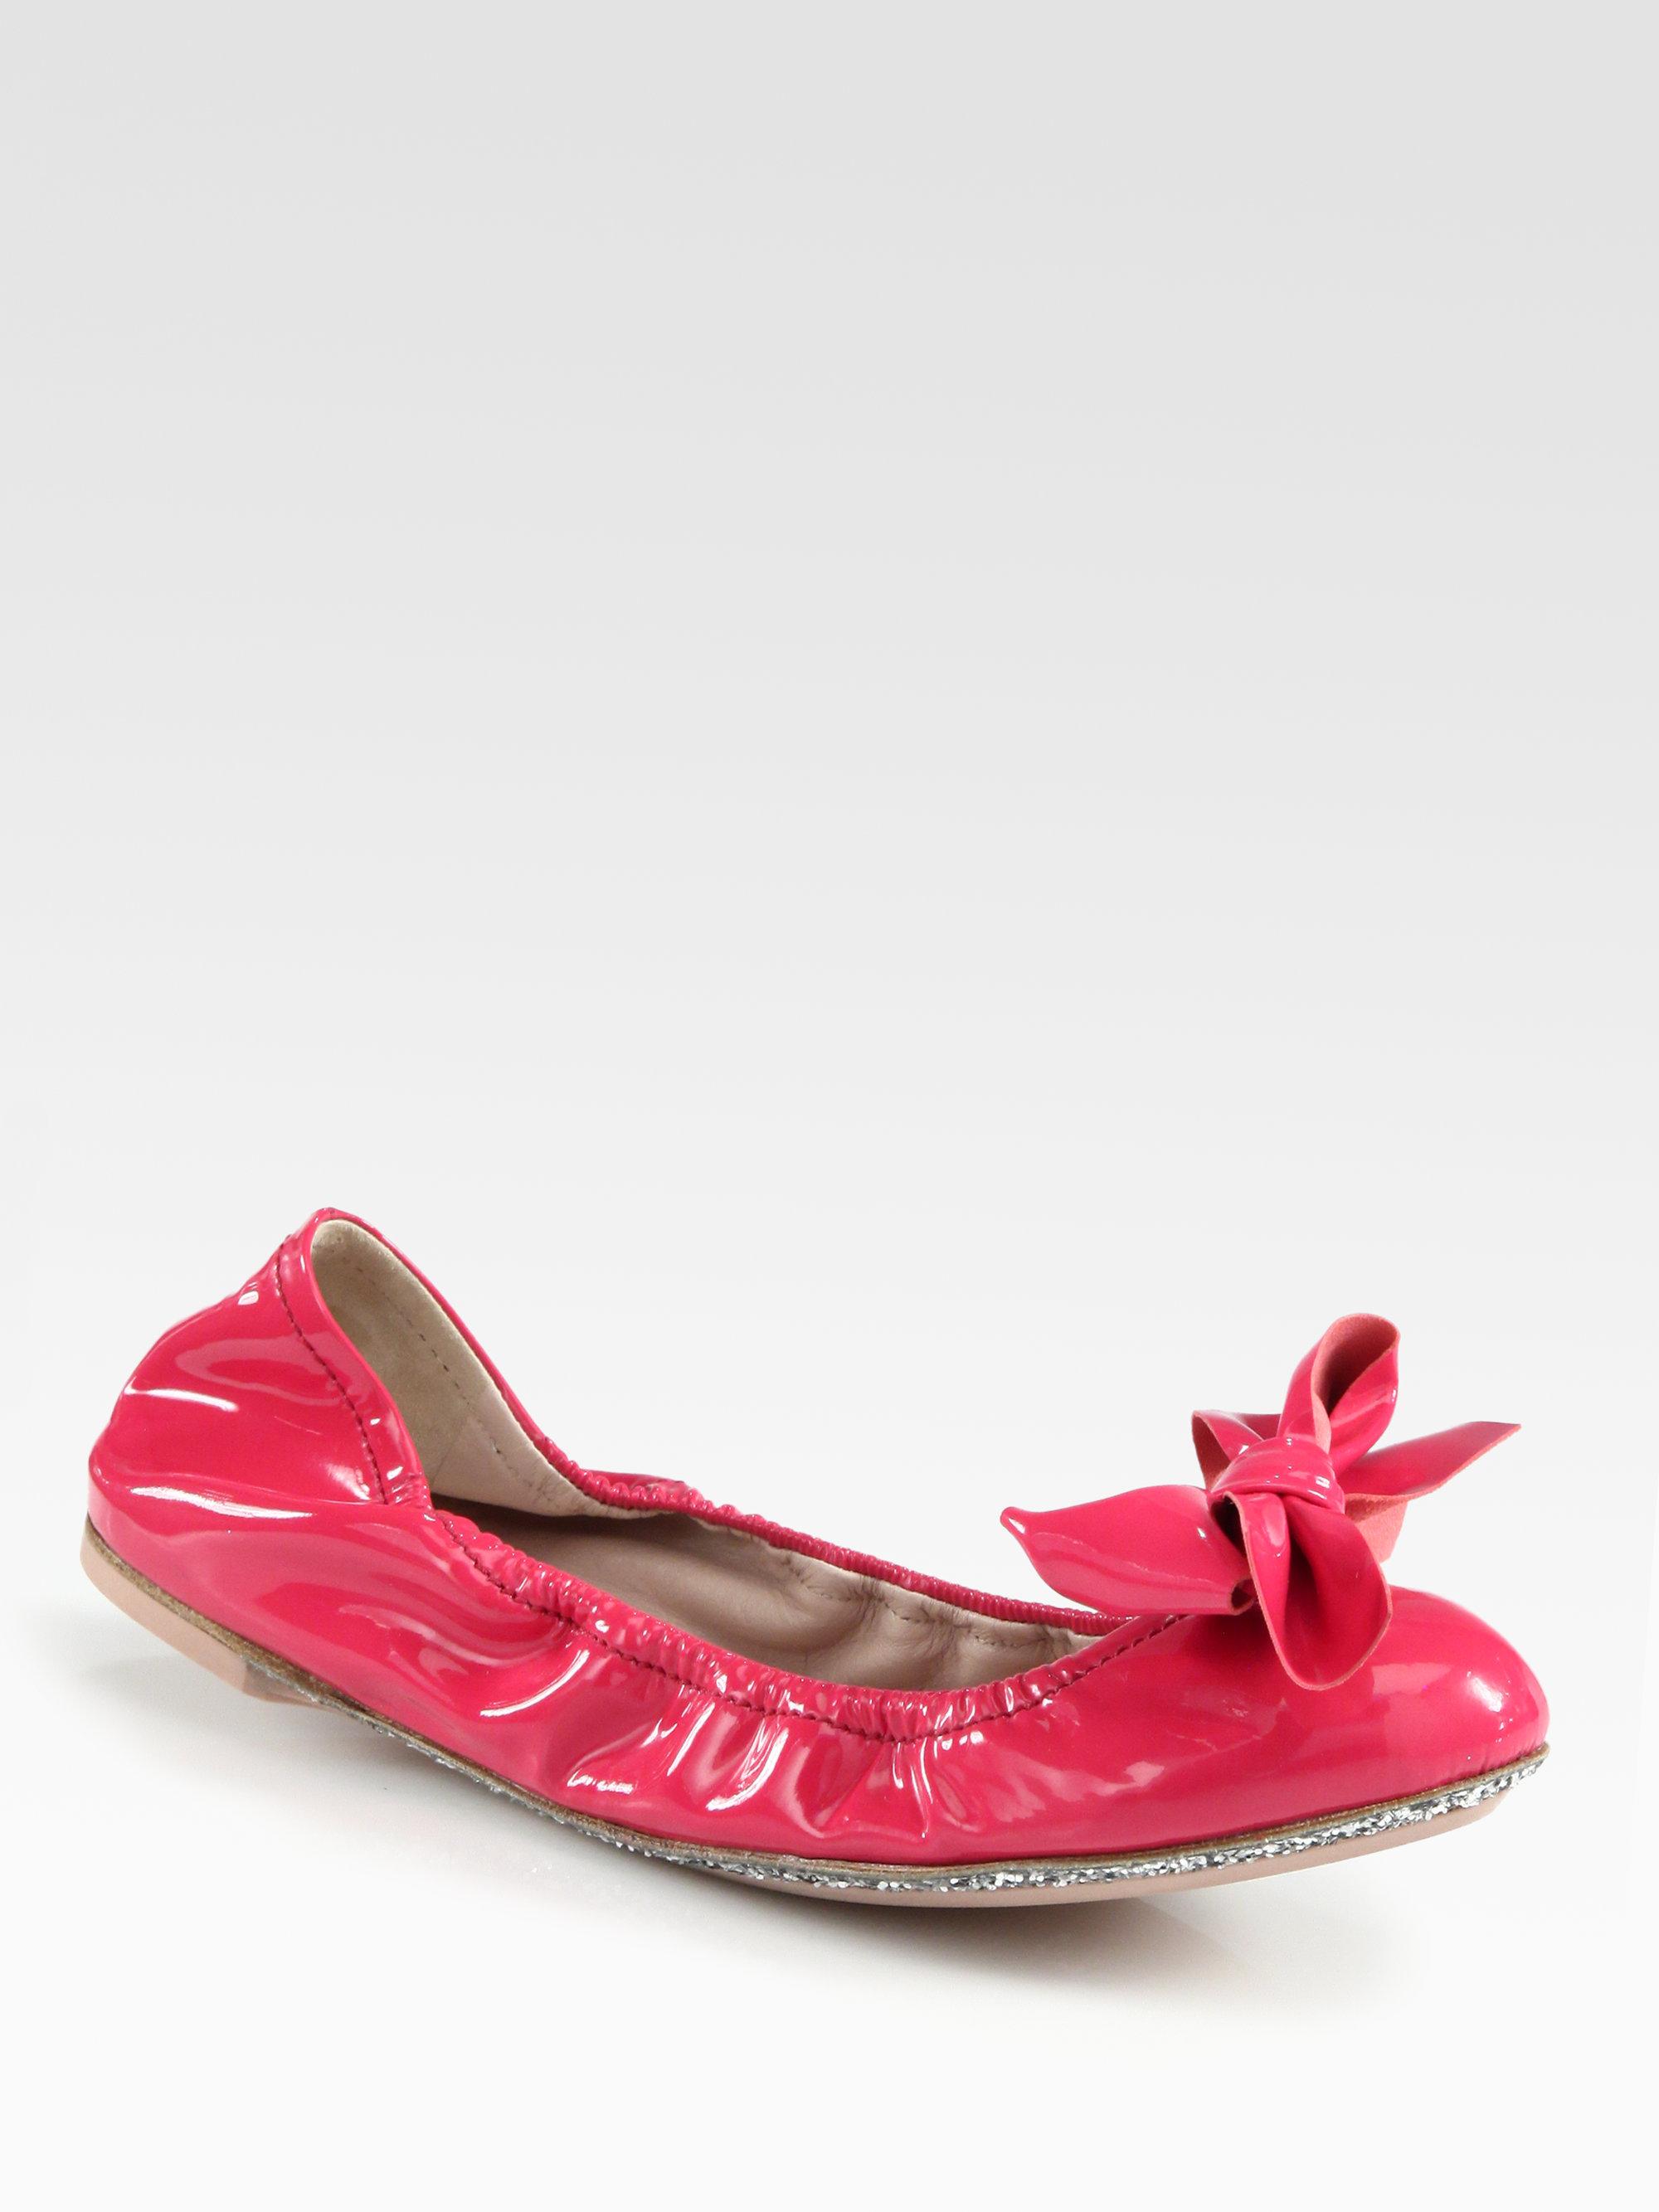 9eebac00167fd Lyst - Miu miu Patent Leather Glitter Bow Ballet Flats